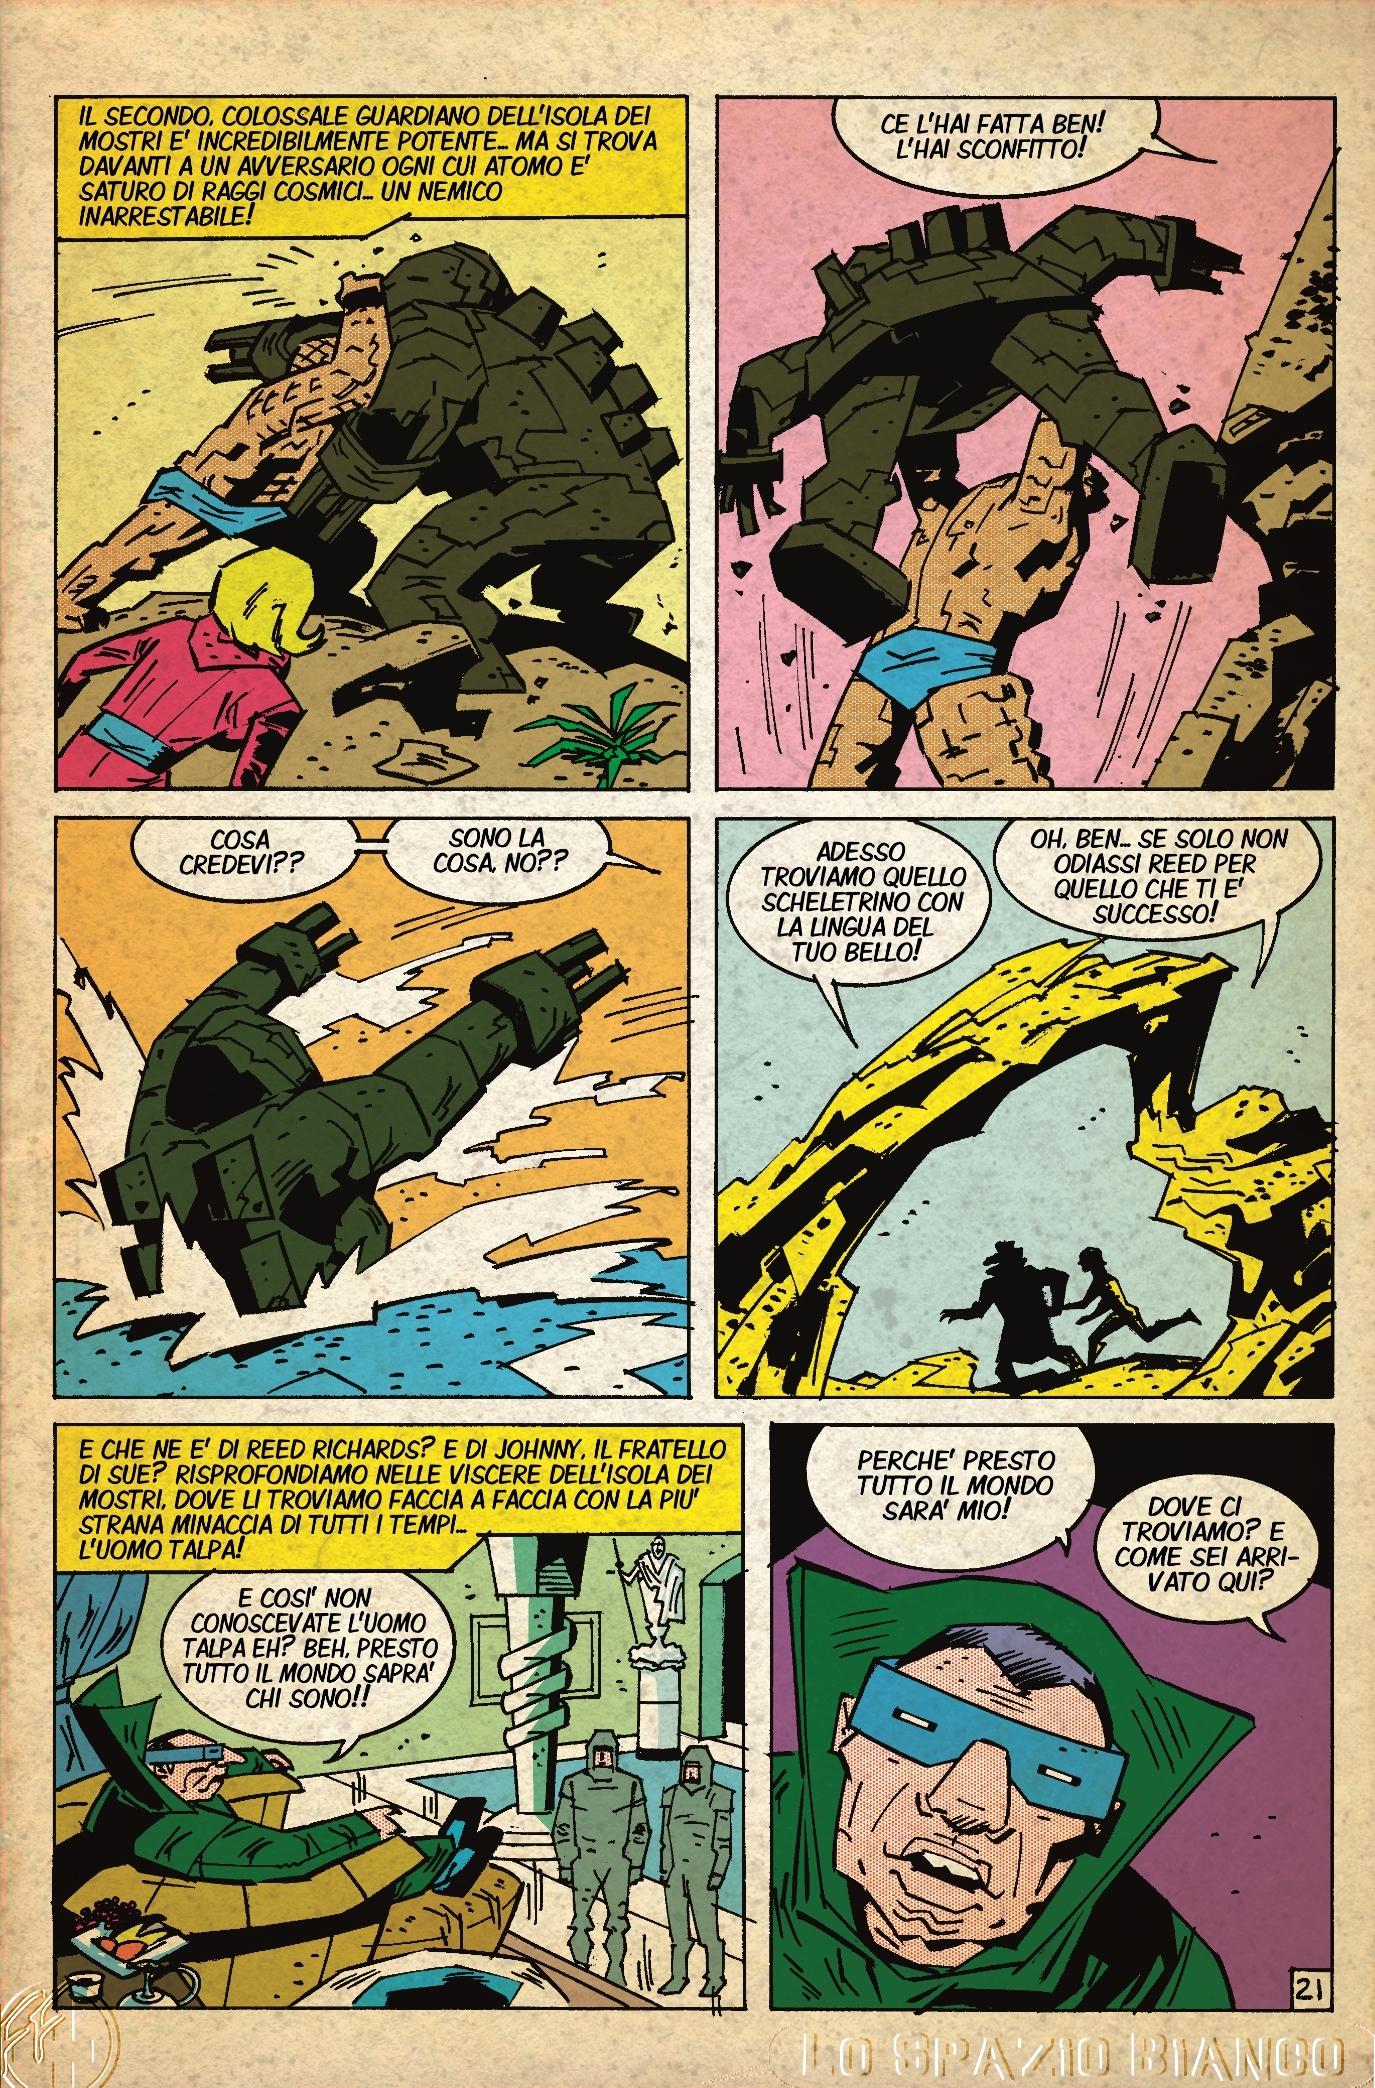 Fantastici Quattro (Mole Man 2) Pagina 2 (Alberto Lavoradori)